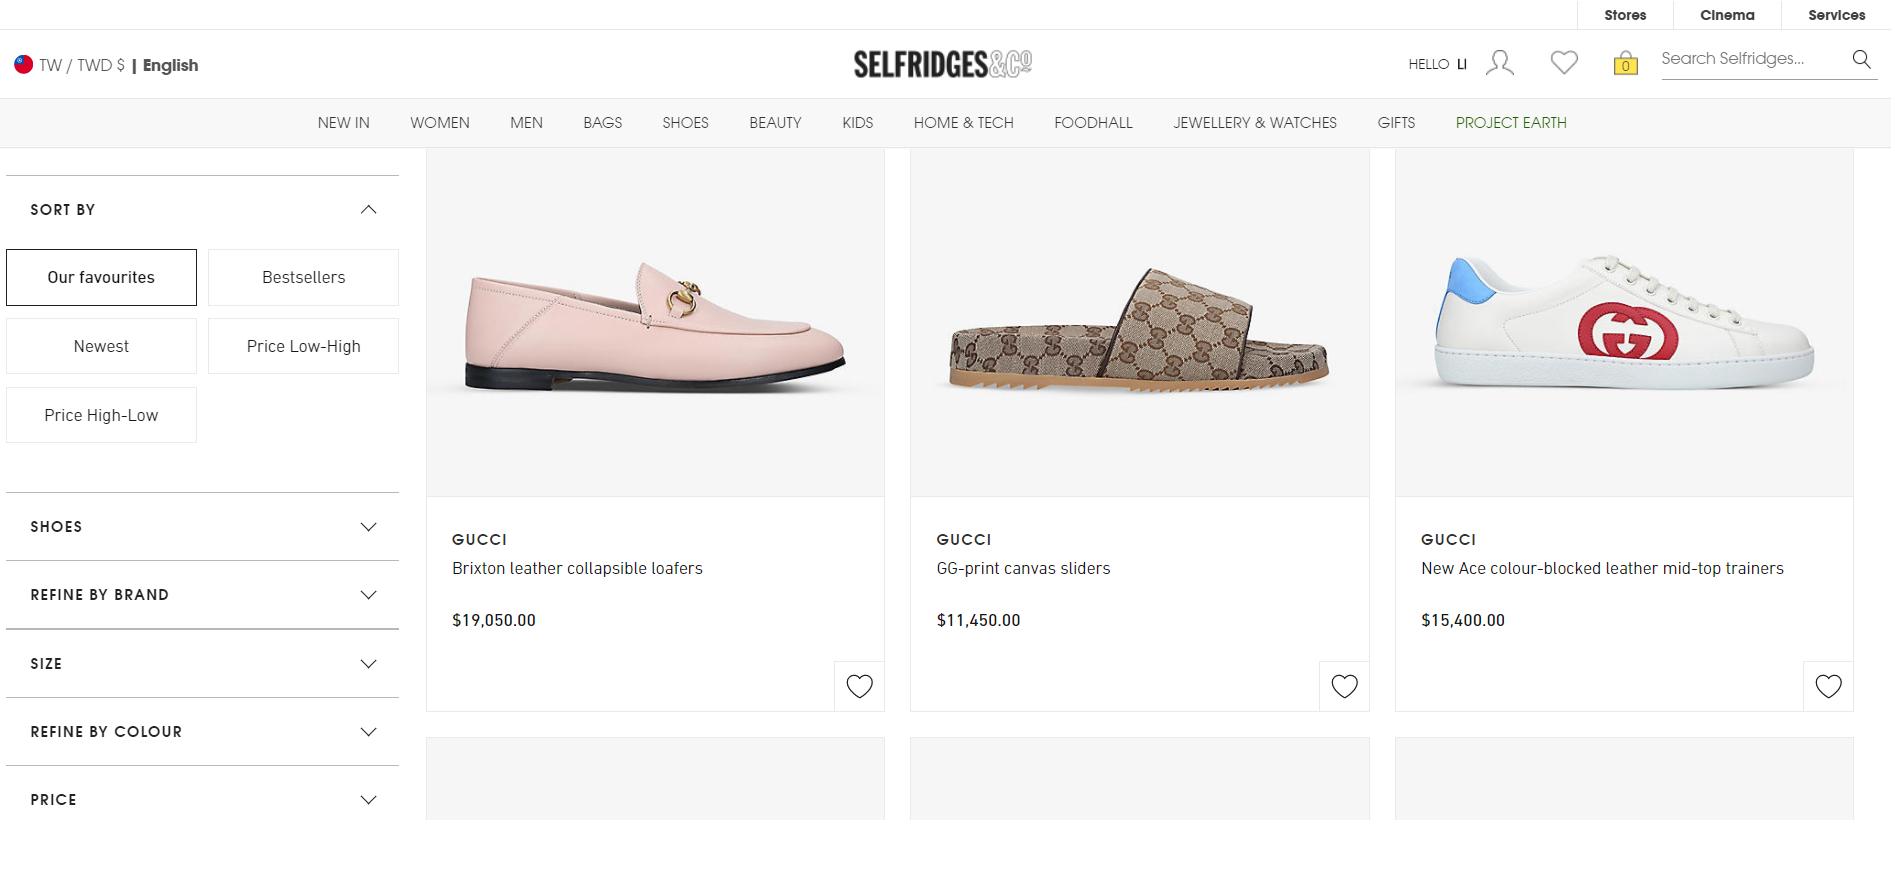 Selfridges & Co. 英國線上百貨購買教學-品項導覽